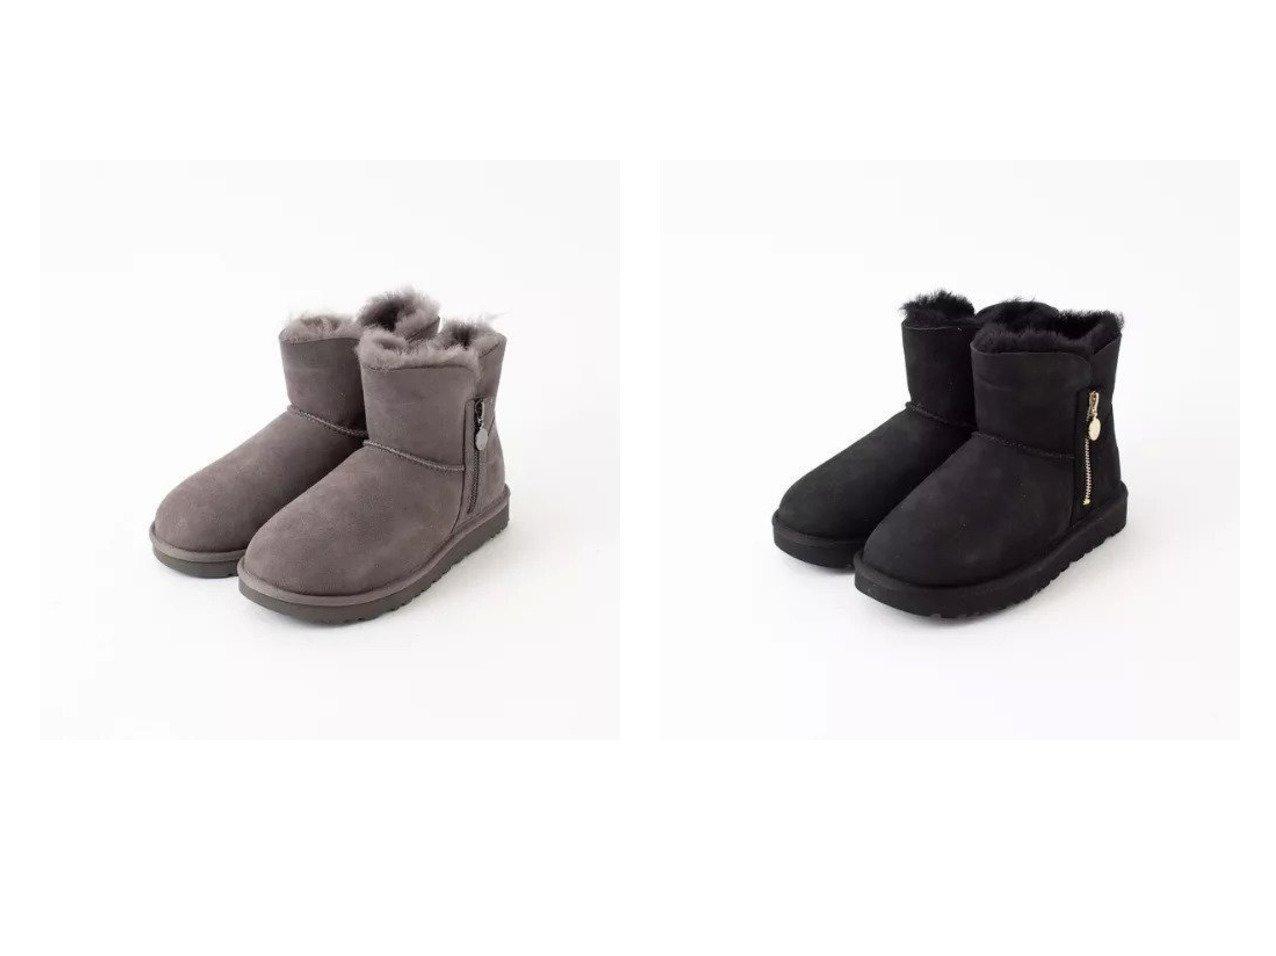 【Piche Abahouse/ピシェ アバハウス】のBailey Zip Mini ムートンブーツ シューズ・靴のおすすめ!人気、トレンド・レディースファッションの通販 おすすめで人気の流行・トレンド、ファッションの通販商品 メンズファッション・キッズファッション・インテリア・家具・レディースファッション・服の通販 founy(ファニー) https://founy.com/ ファッション Fashion レディースファッション WOMEN クラシック シューズ ジップ ミドル 冬 Winter 定番 Standard 軽量 |ID:crp329100000014468